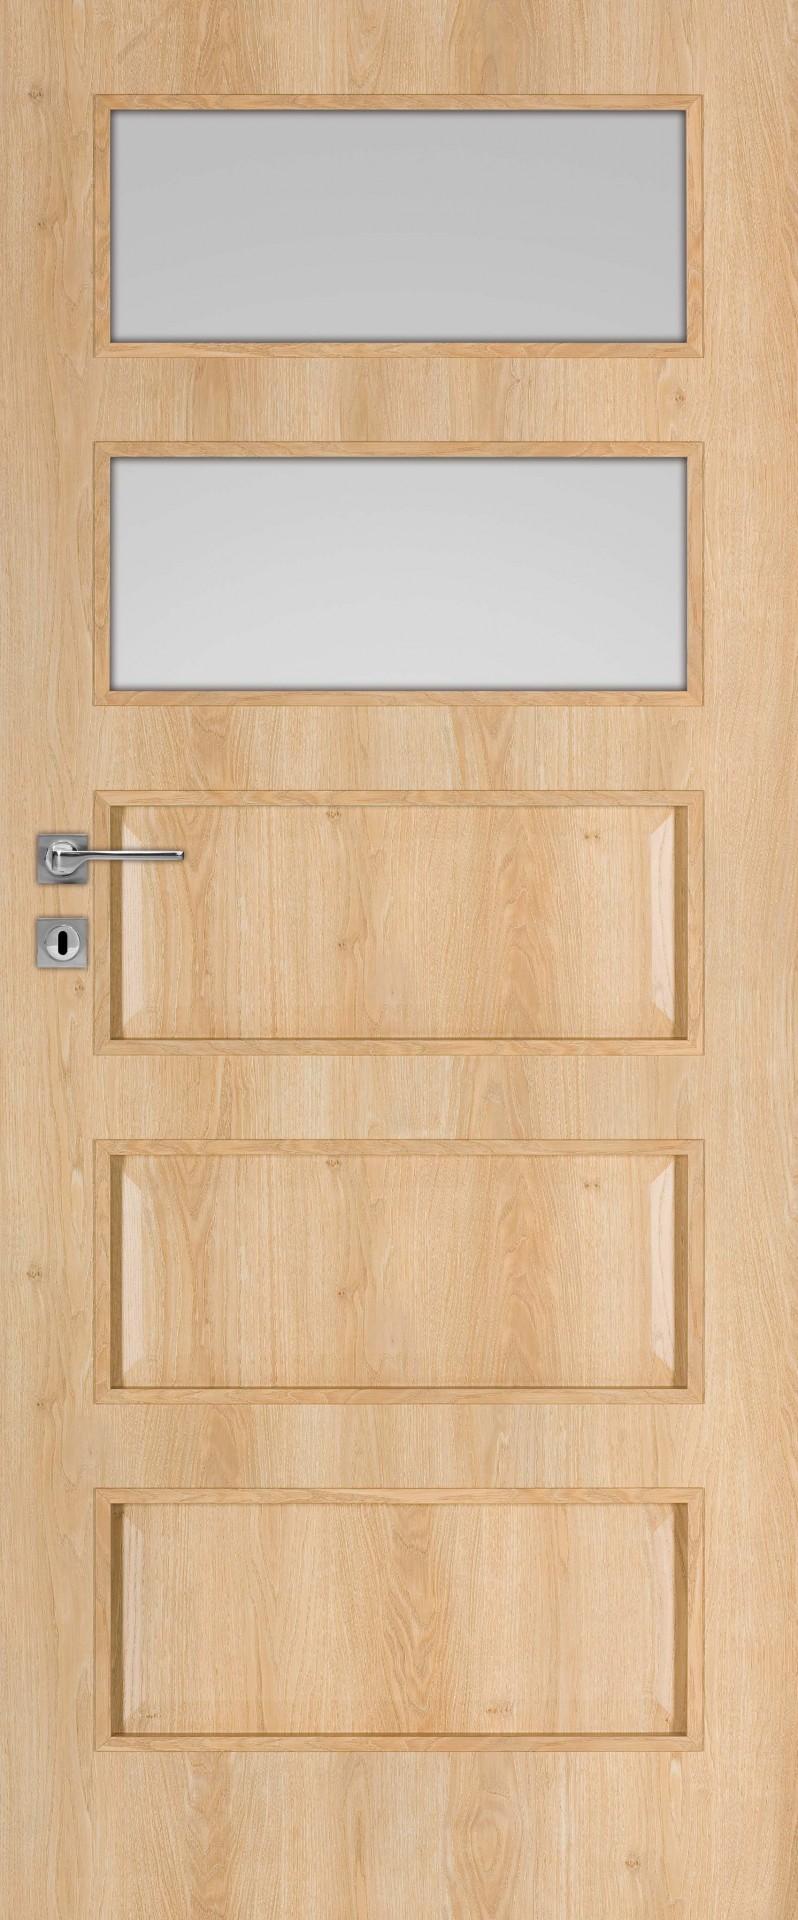 Dre dveře ALDEA 60, Šíře v cm 90